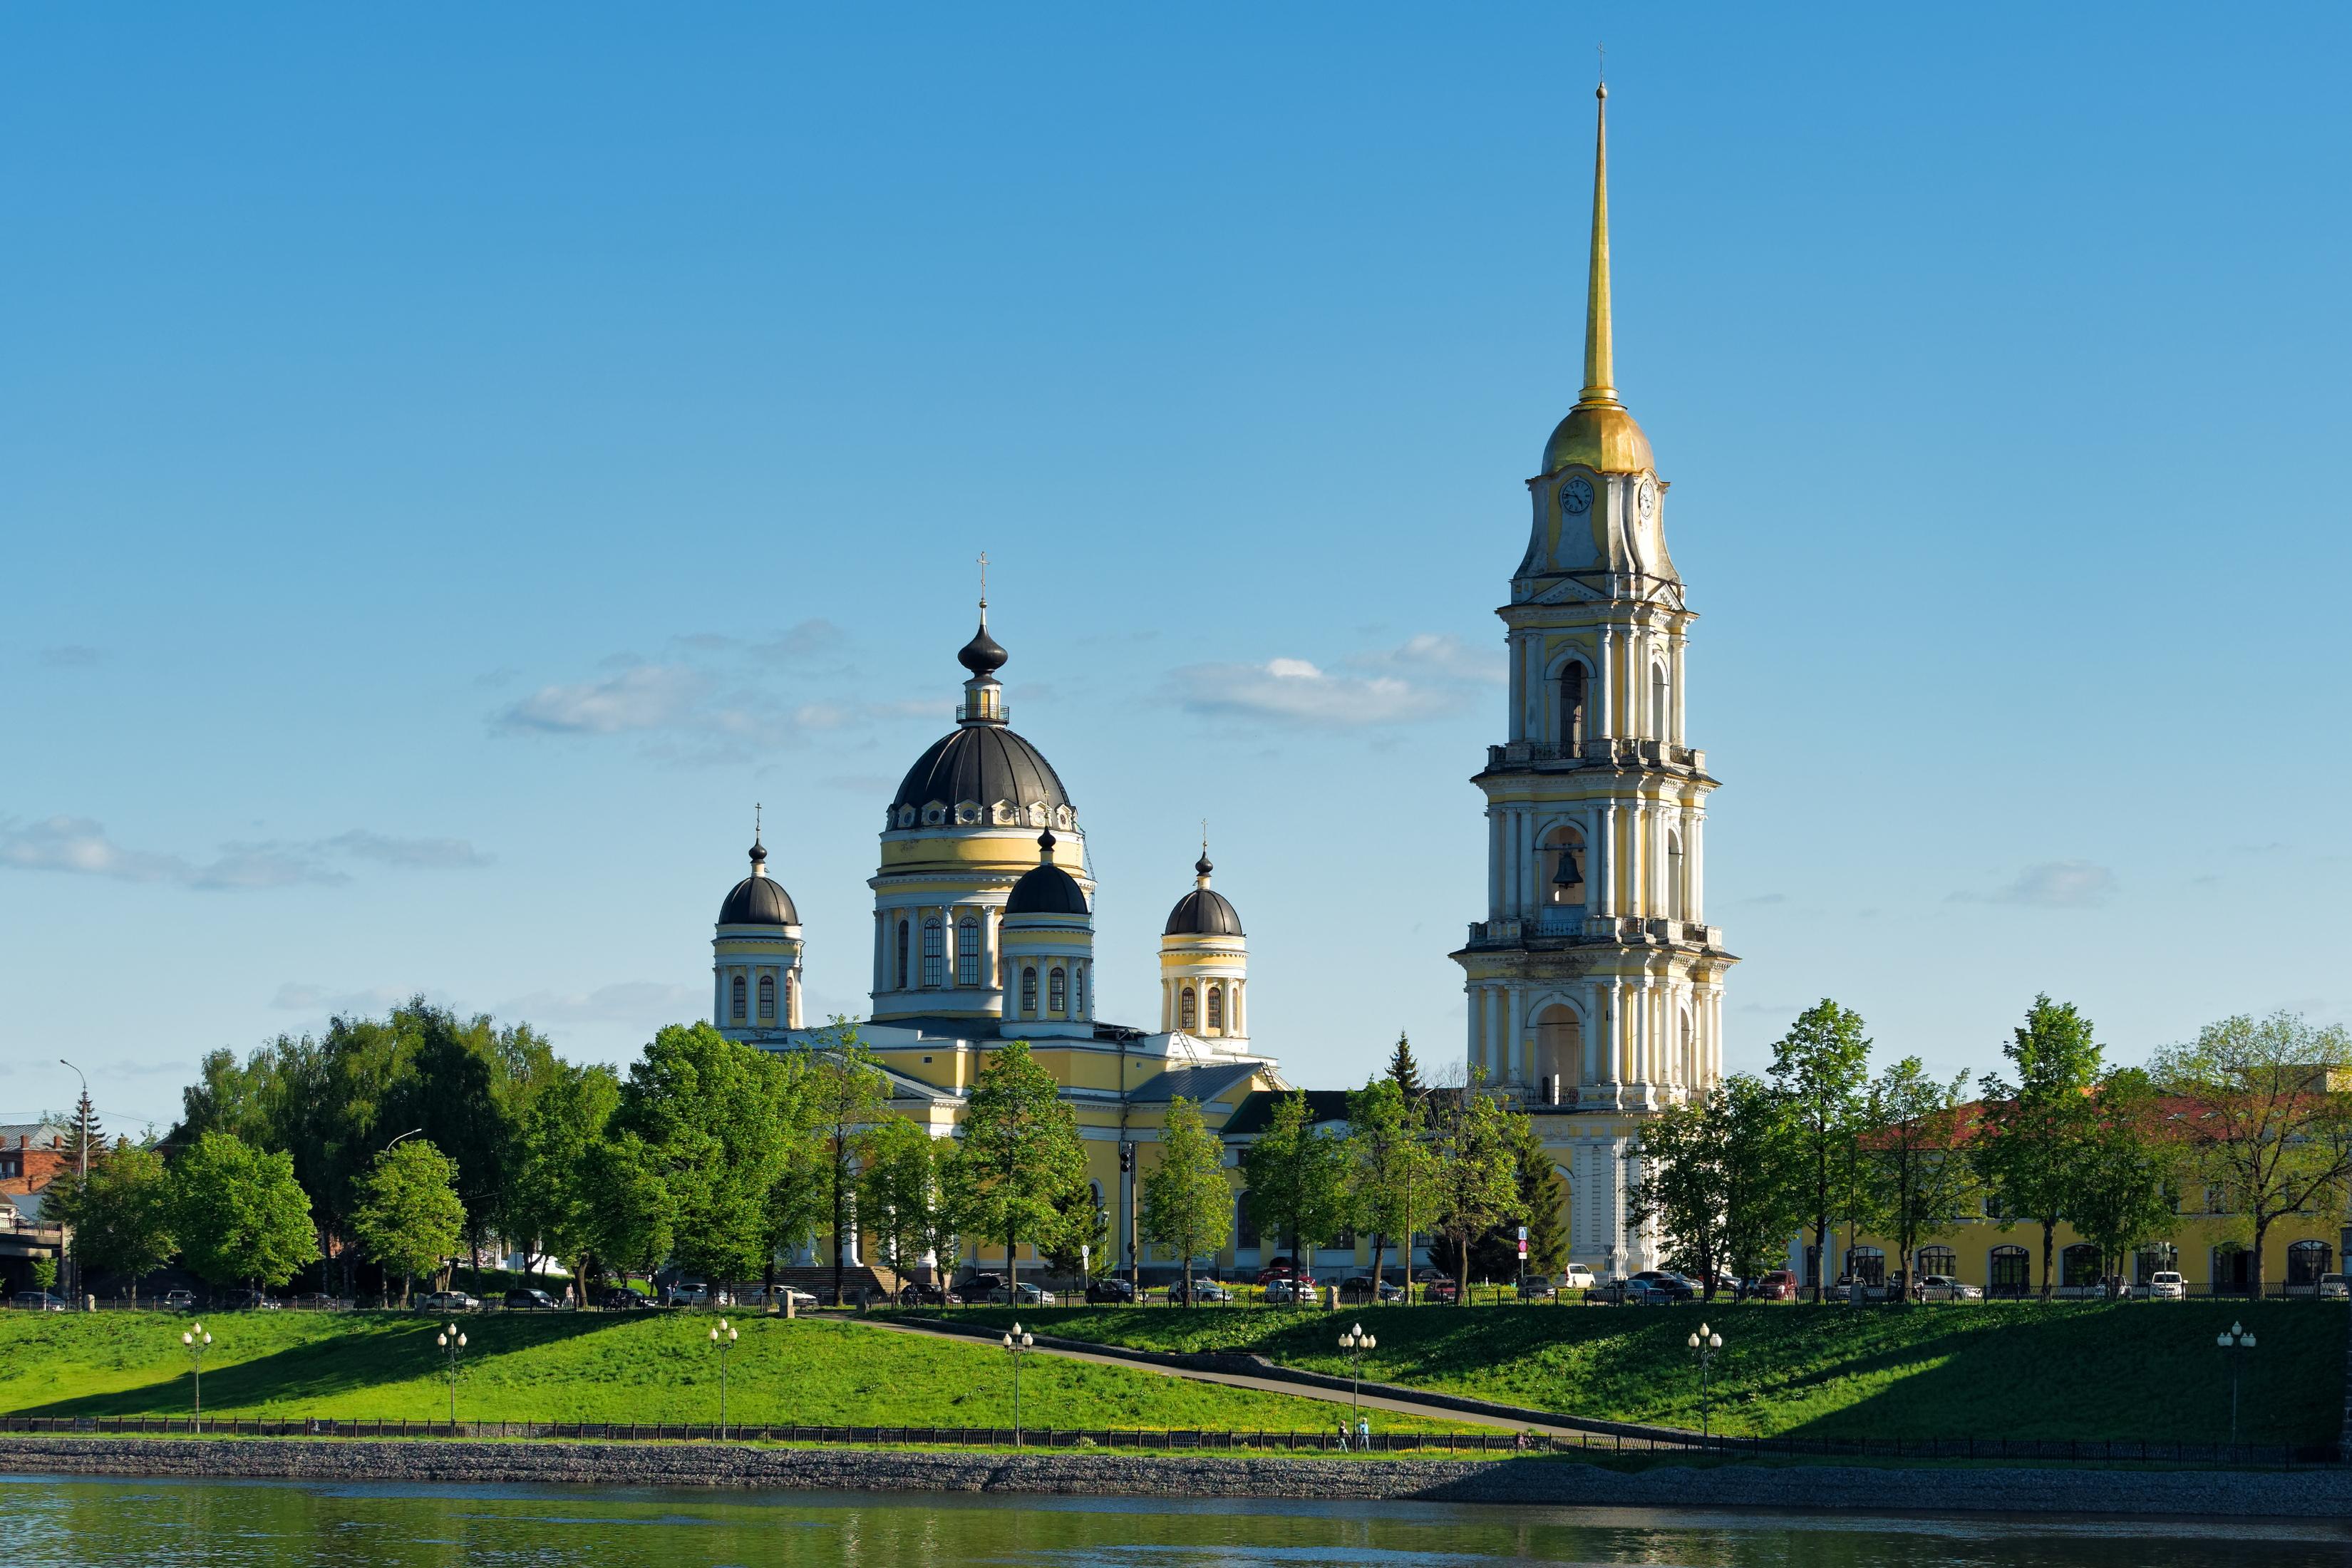 Рыбинск элеватор официальный сайт ленточные конвейеры типы конвейеров по назначению